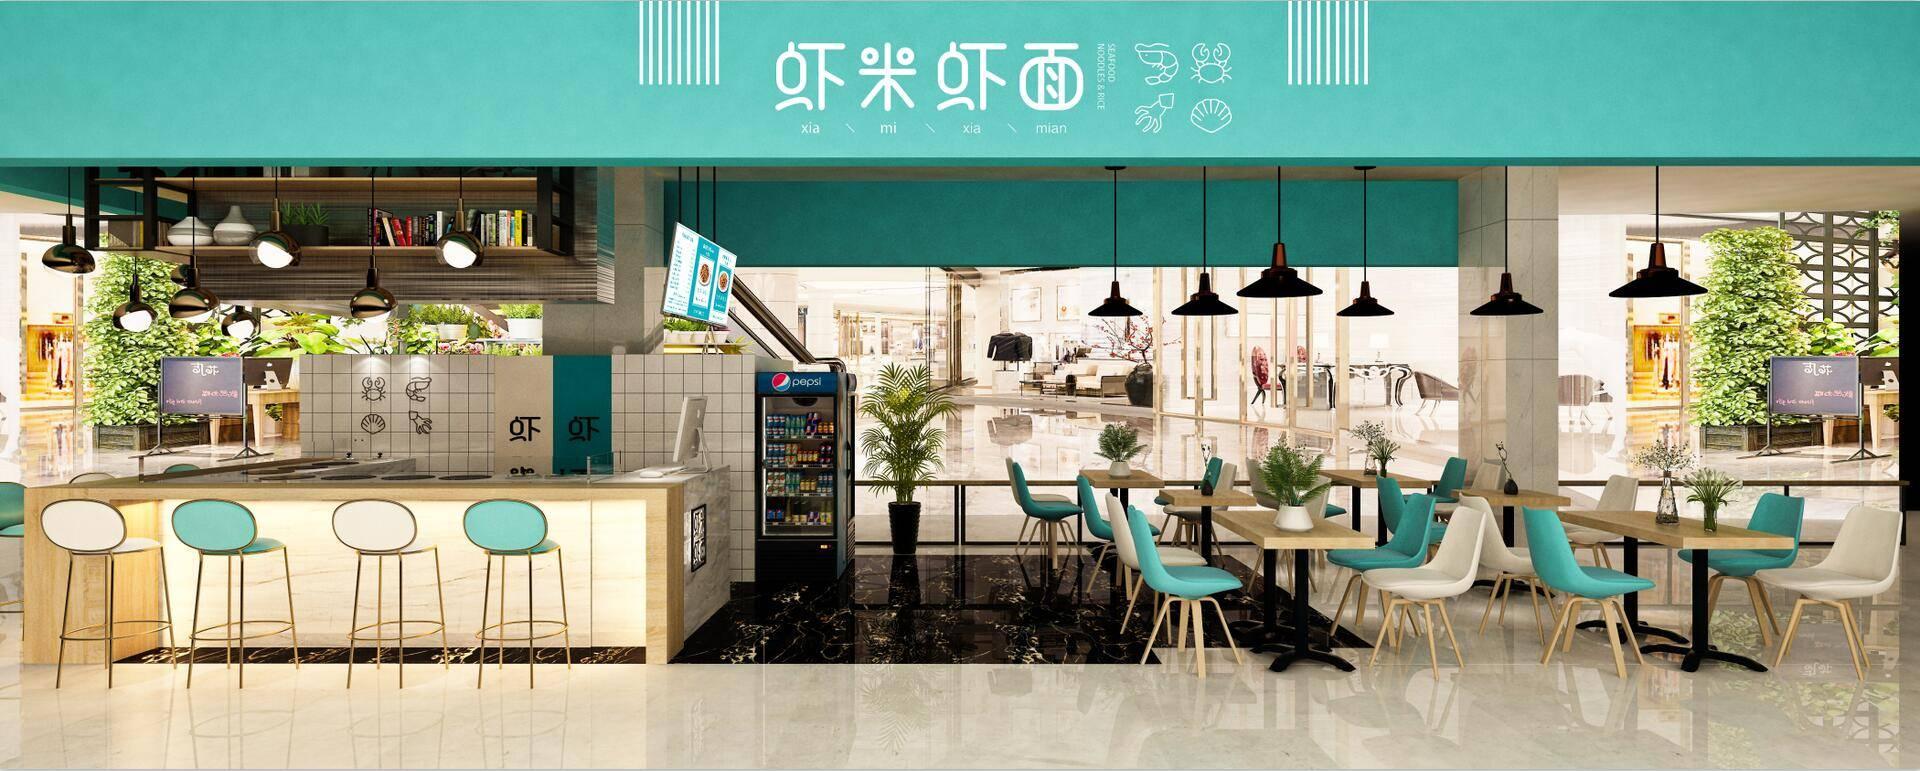 虾米虾面阜阳的海鲜焖面旗舰店实拍图